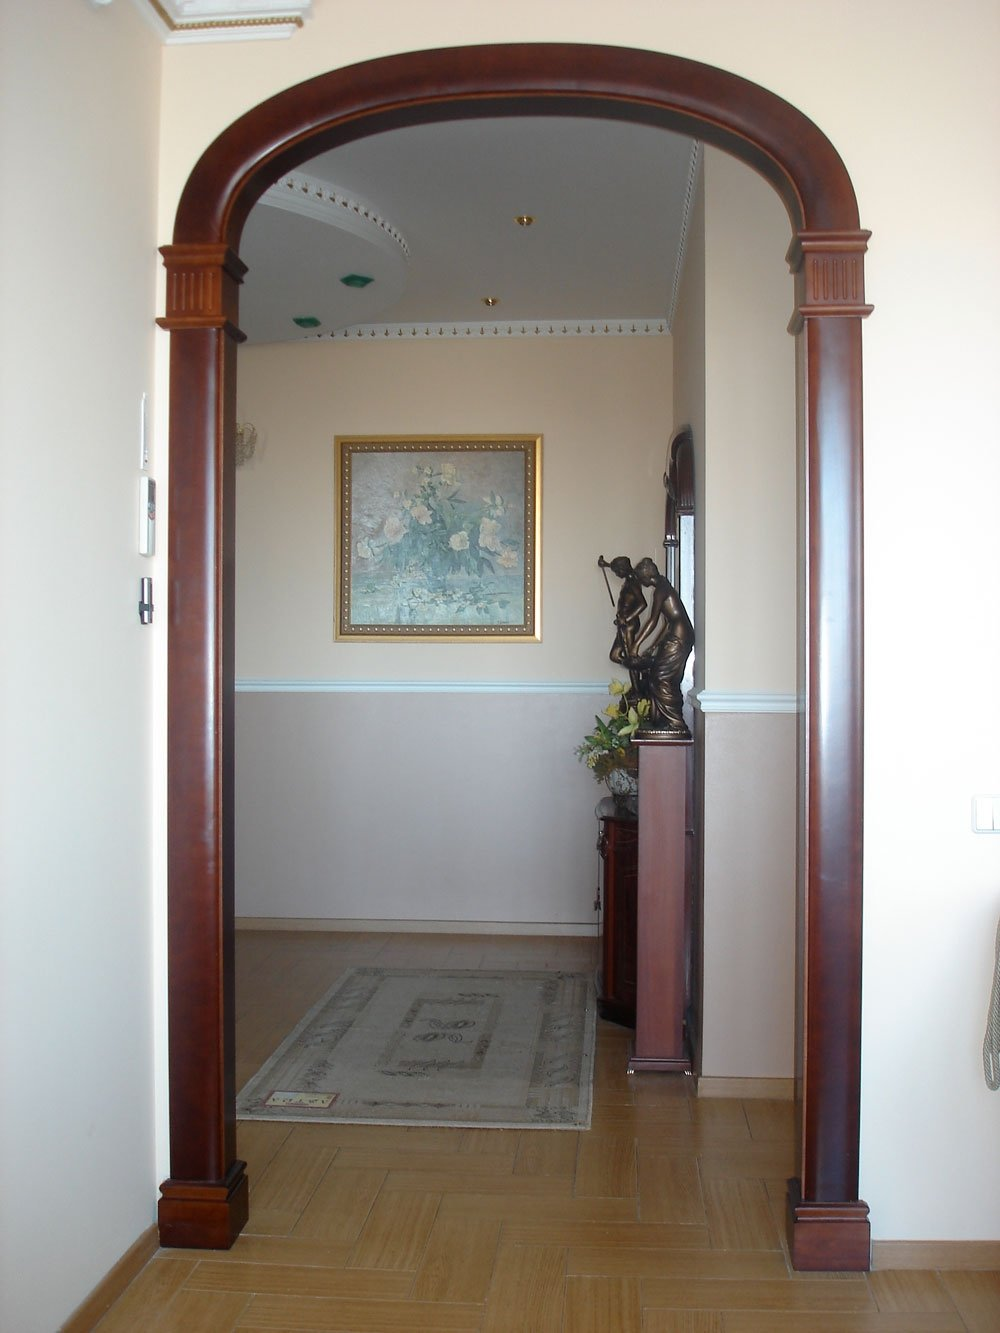 же, проект дверных арок фото собраны интересные